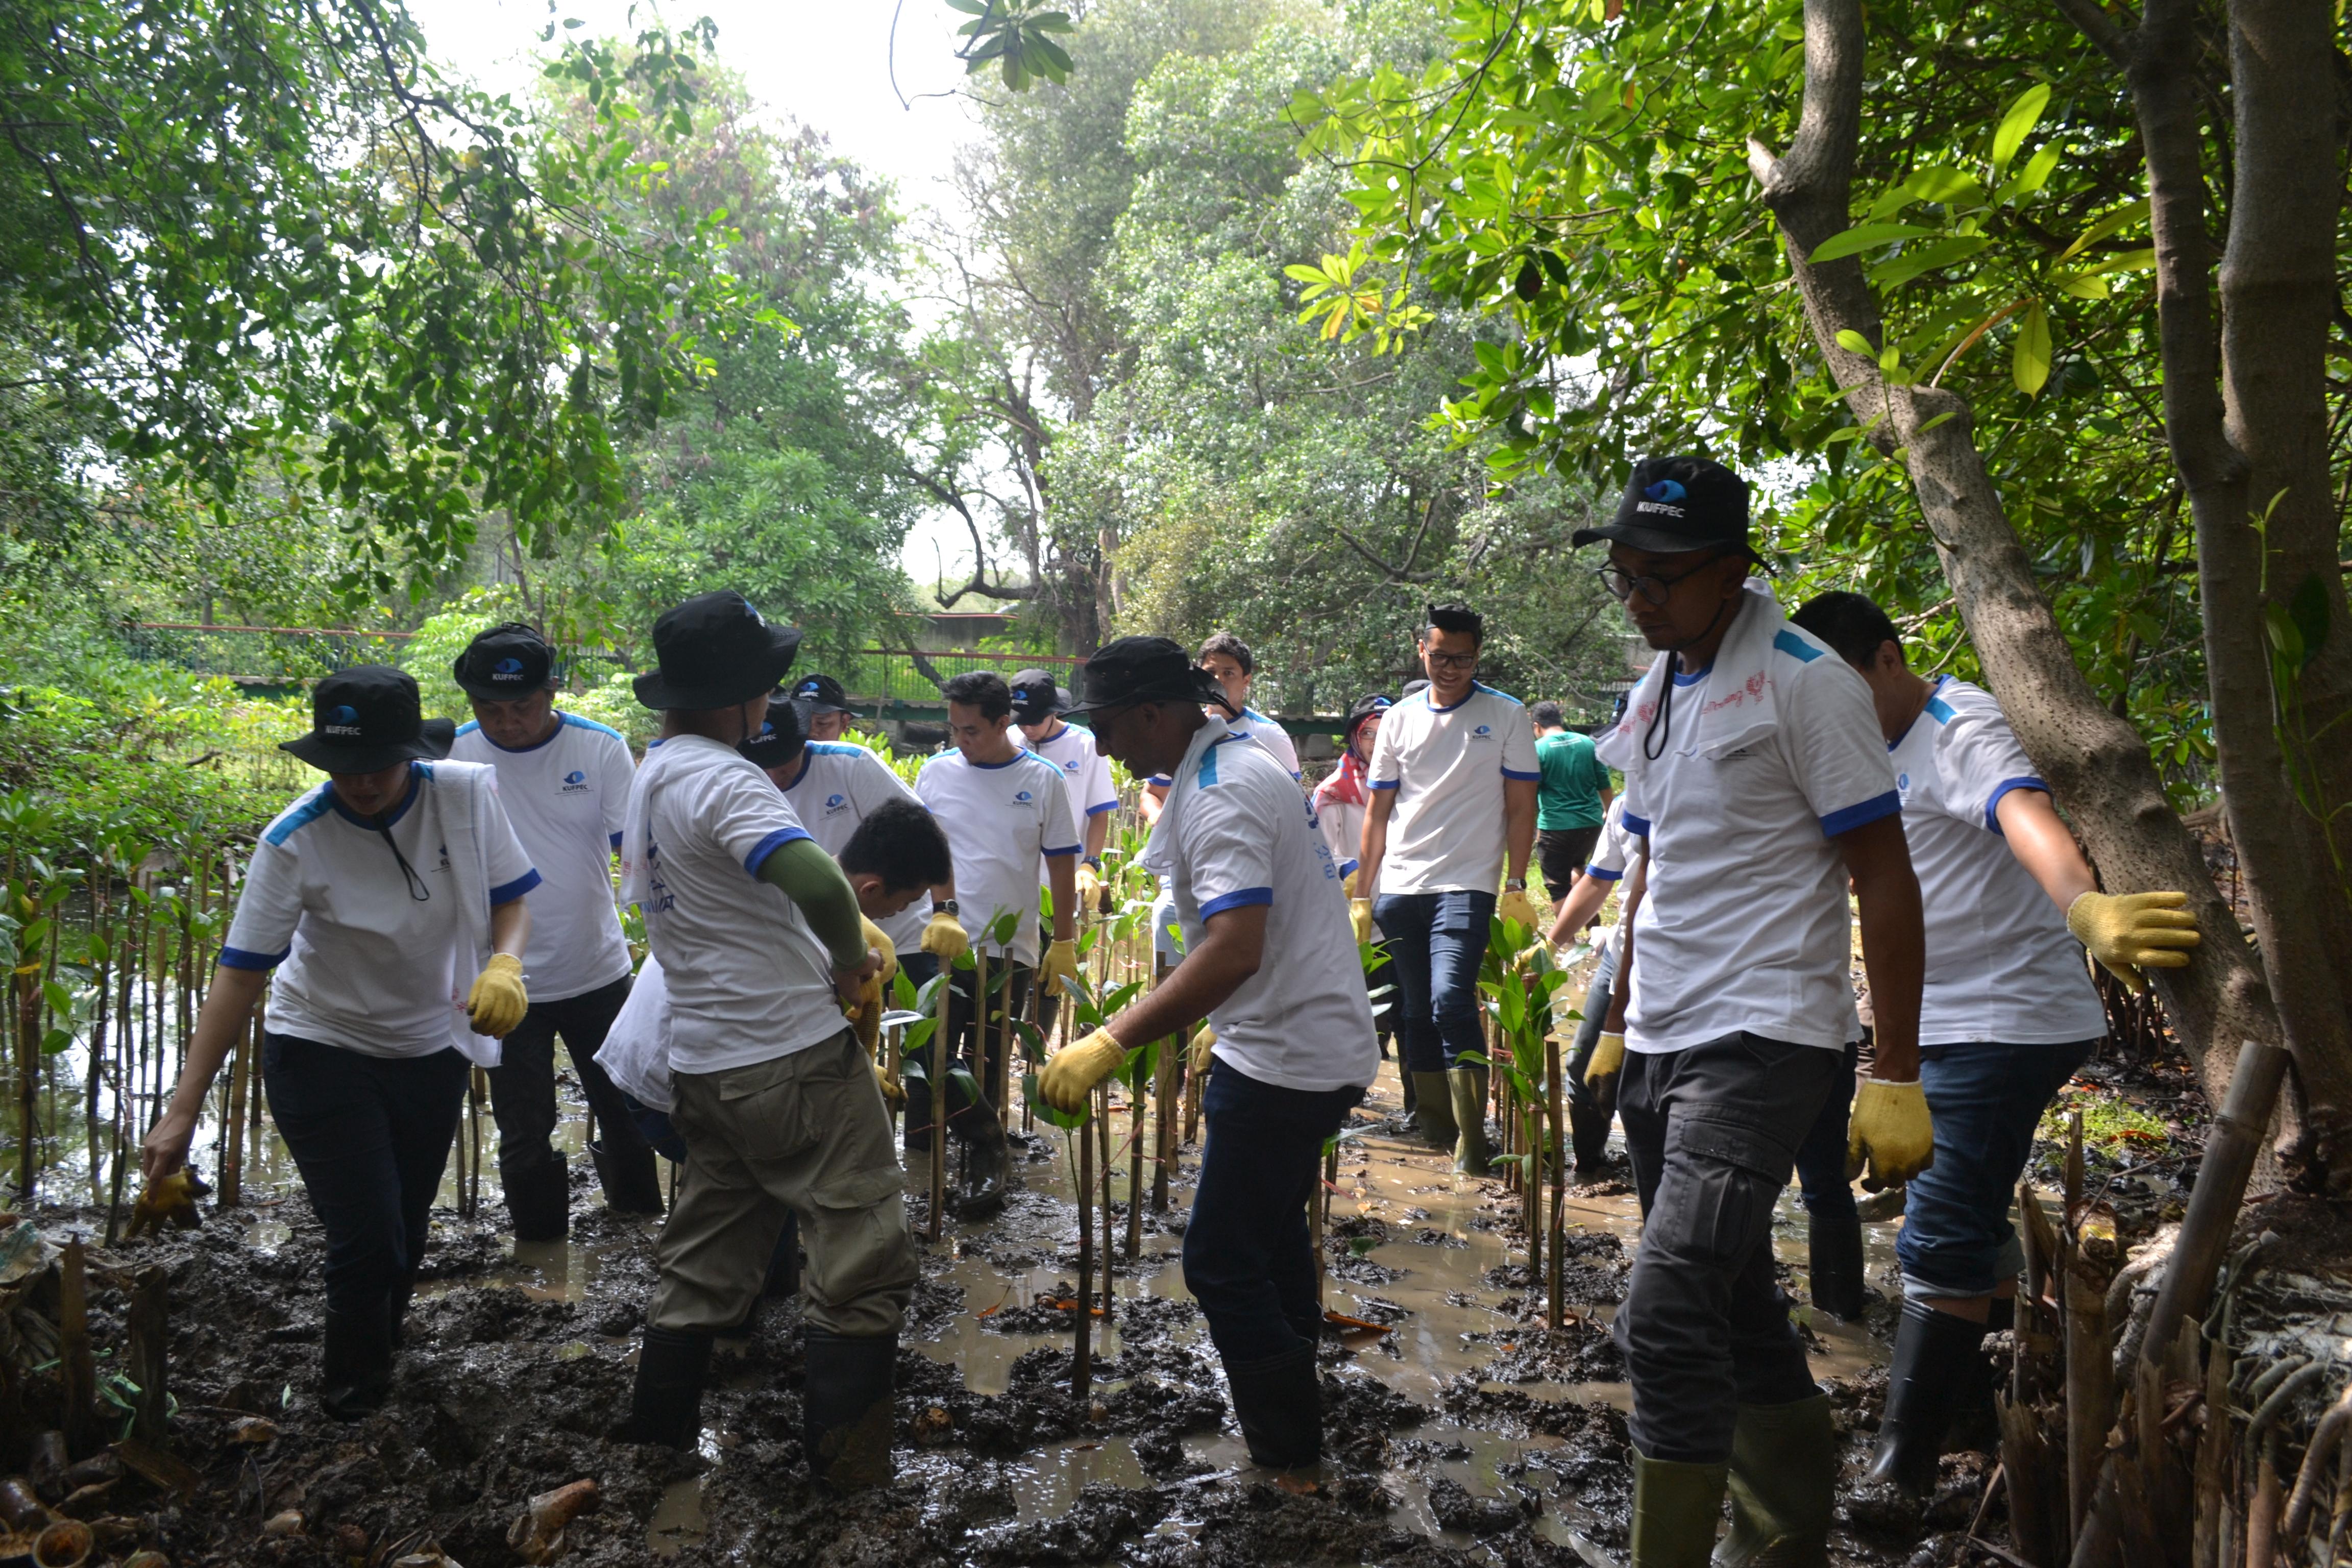 Co-Founder LindungiHutan, Kristina Dwi Suryani memberikan sambutan dalam bahasa inggris kepada KUFPEC sekaligus melakukan brief singkat tentang tatacara penanaman mangrove.